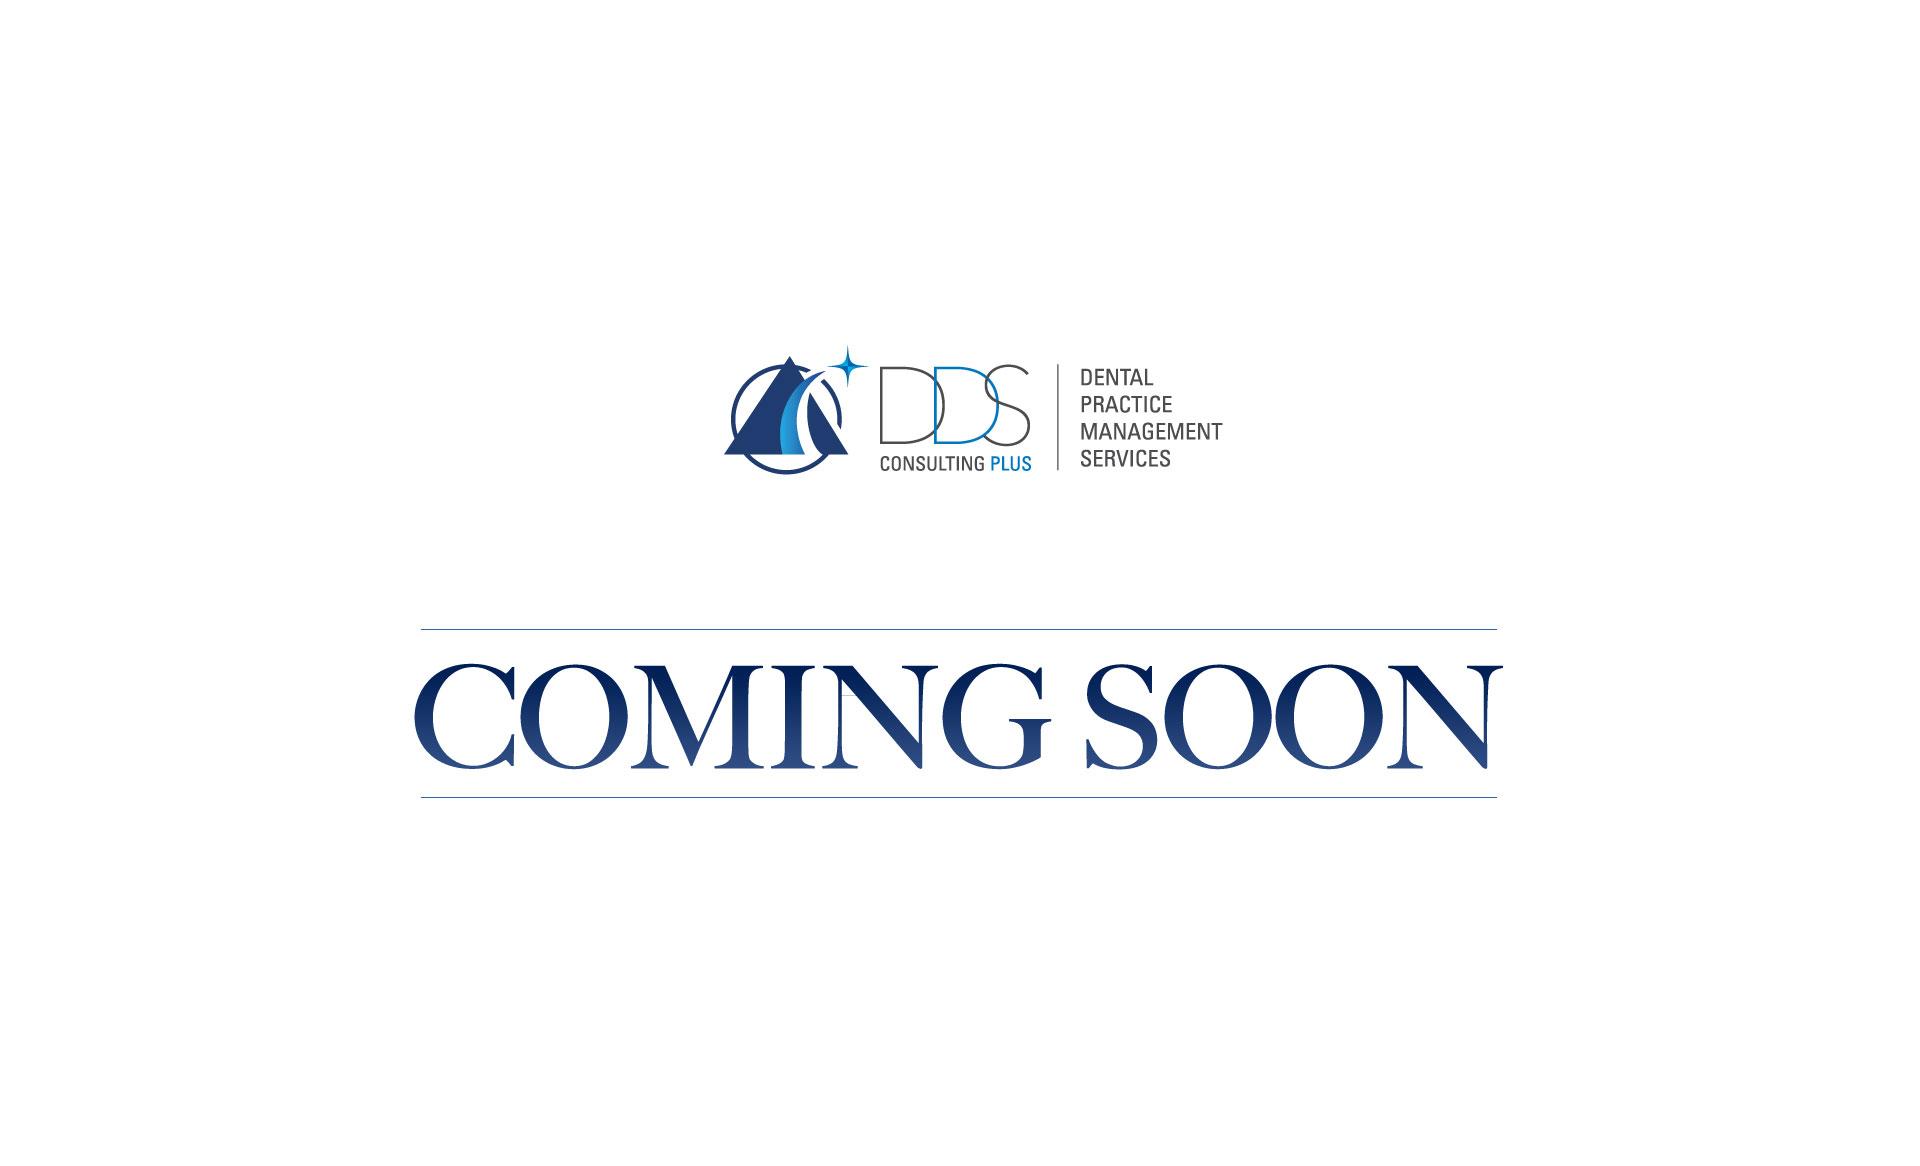 DDS_comingsoon